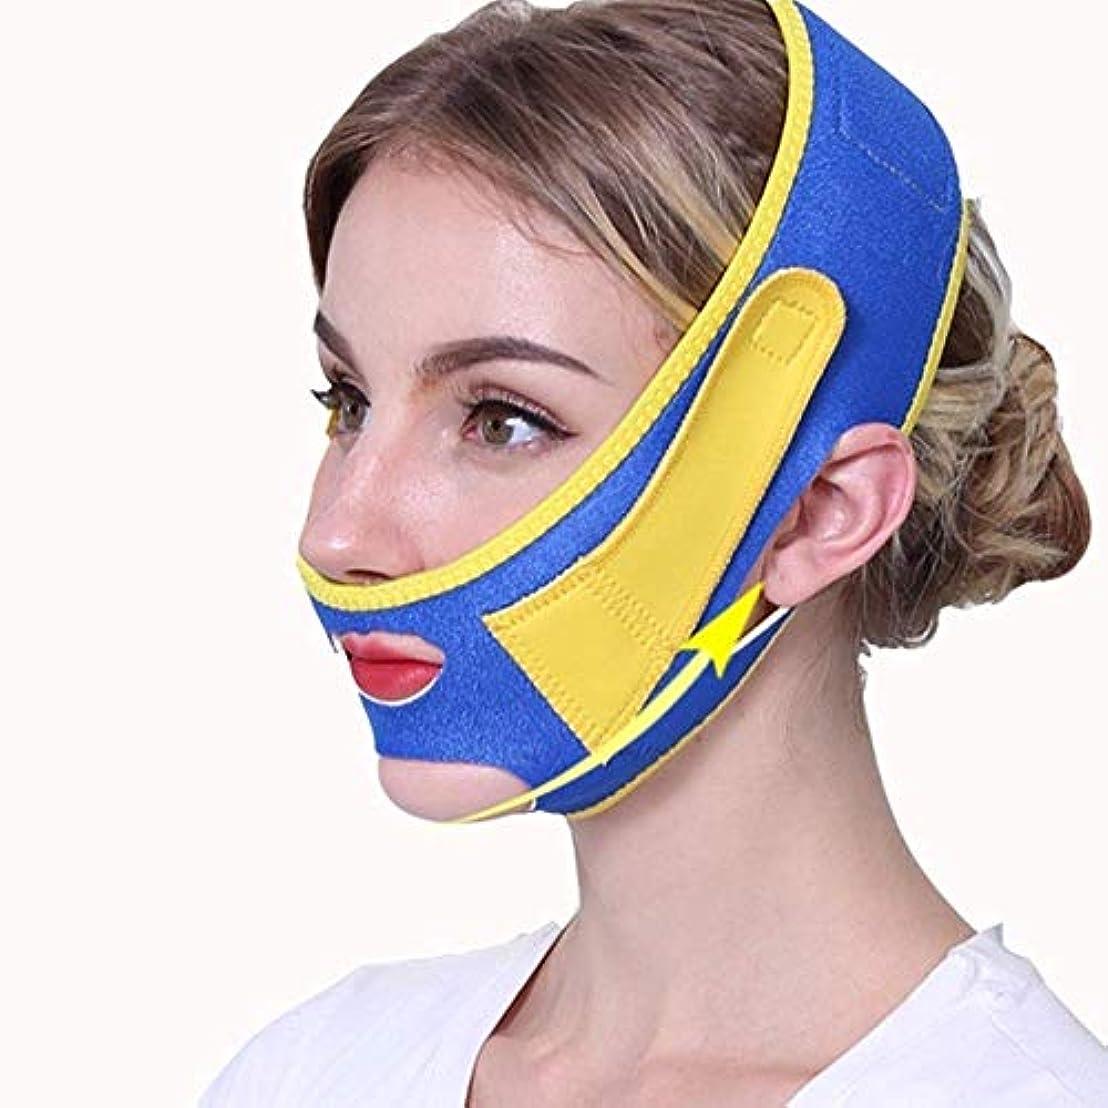 管理者見通しソーシャルWSJTT 女性のための顔のリフティングベルト、Vラインチンチークリフトアップバンドアンチリンクル包帯、スリミング包帯二重あごケア減量Vフェイスベルト補正ベルト調節可能ファーミングフェイシャル?スキンケア